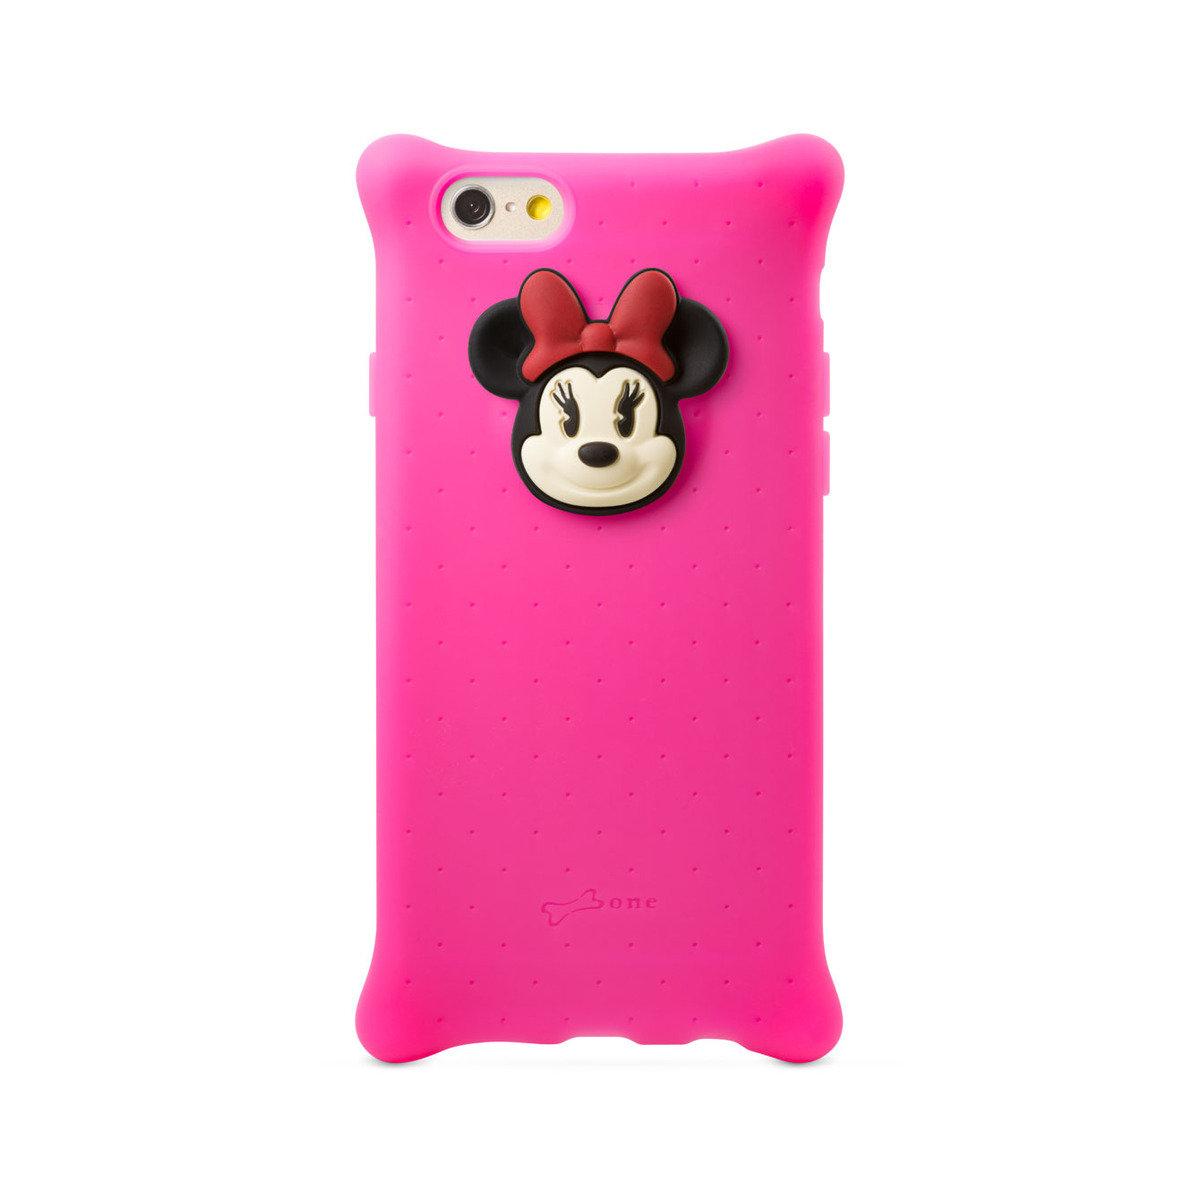 米妮iPhone 6 泡泡保護套